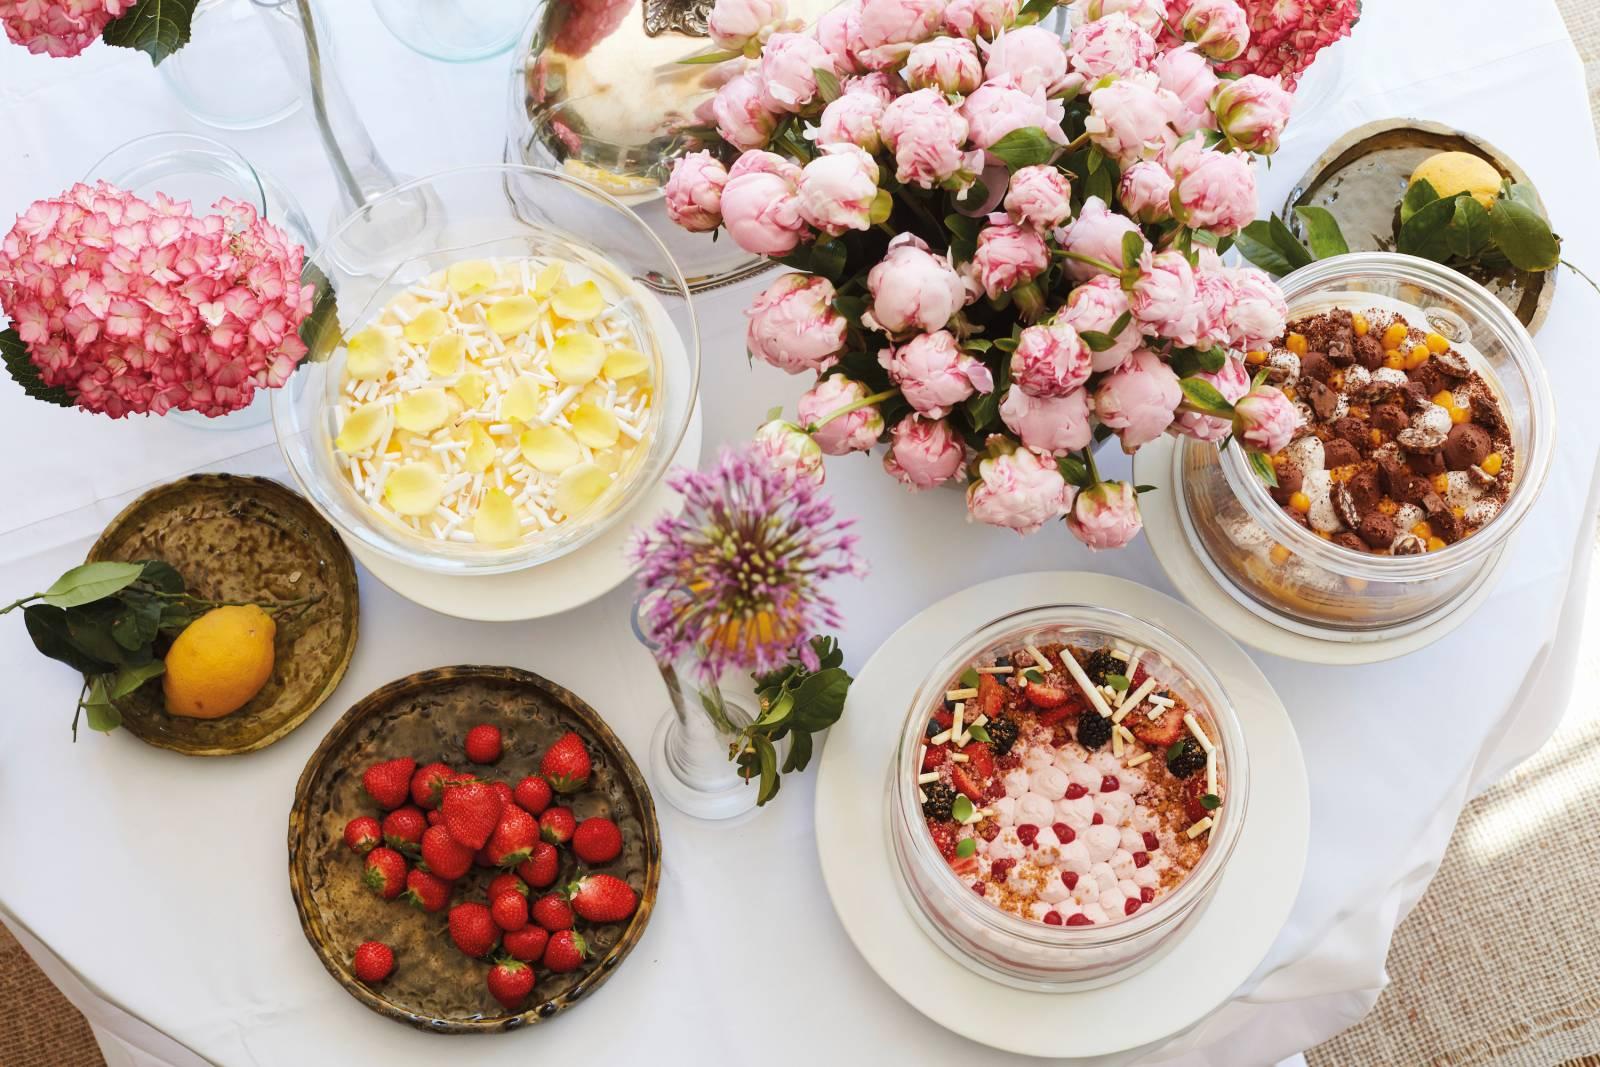 Silverspoon - Traiteur - Catering - Fotograaf Heikki Verdurme - House of Weddings_02